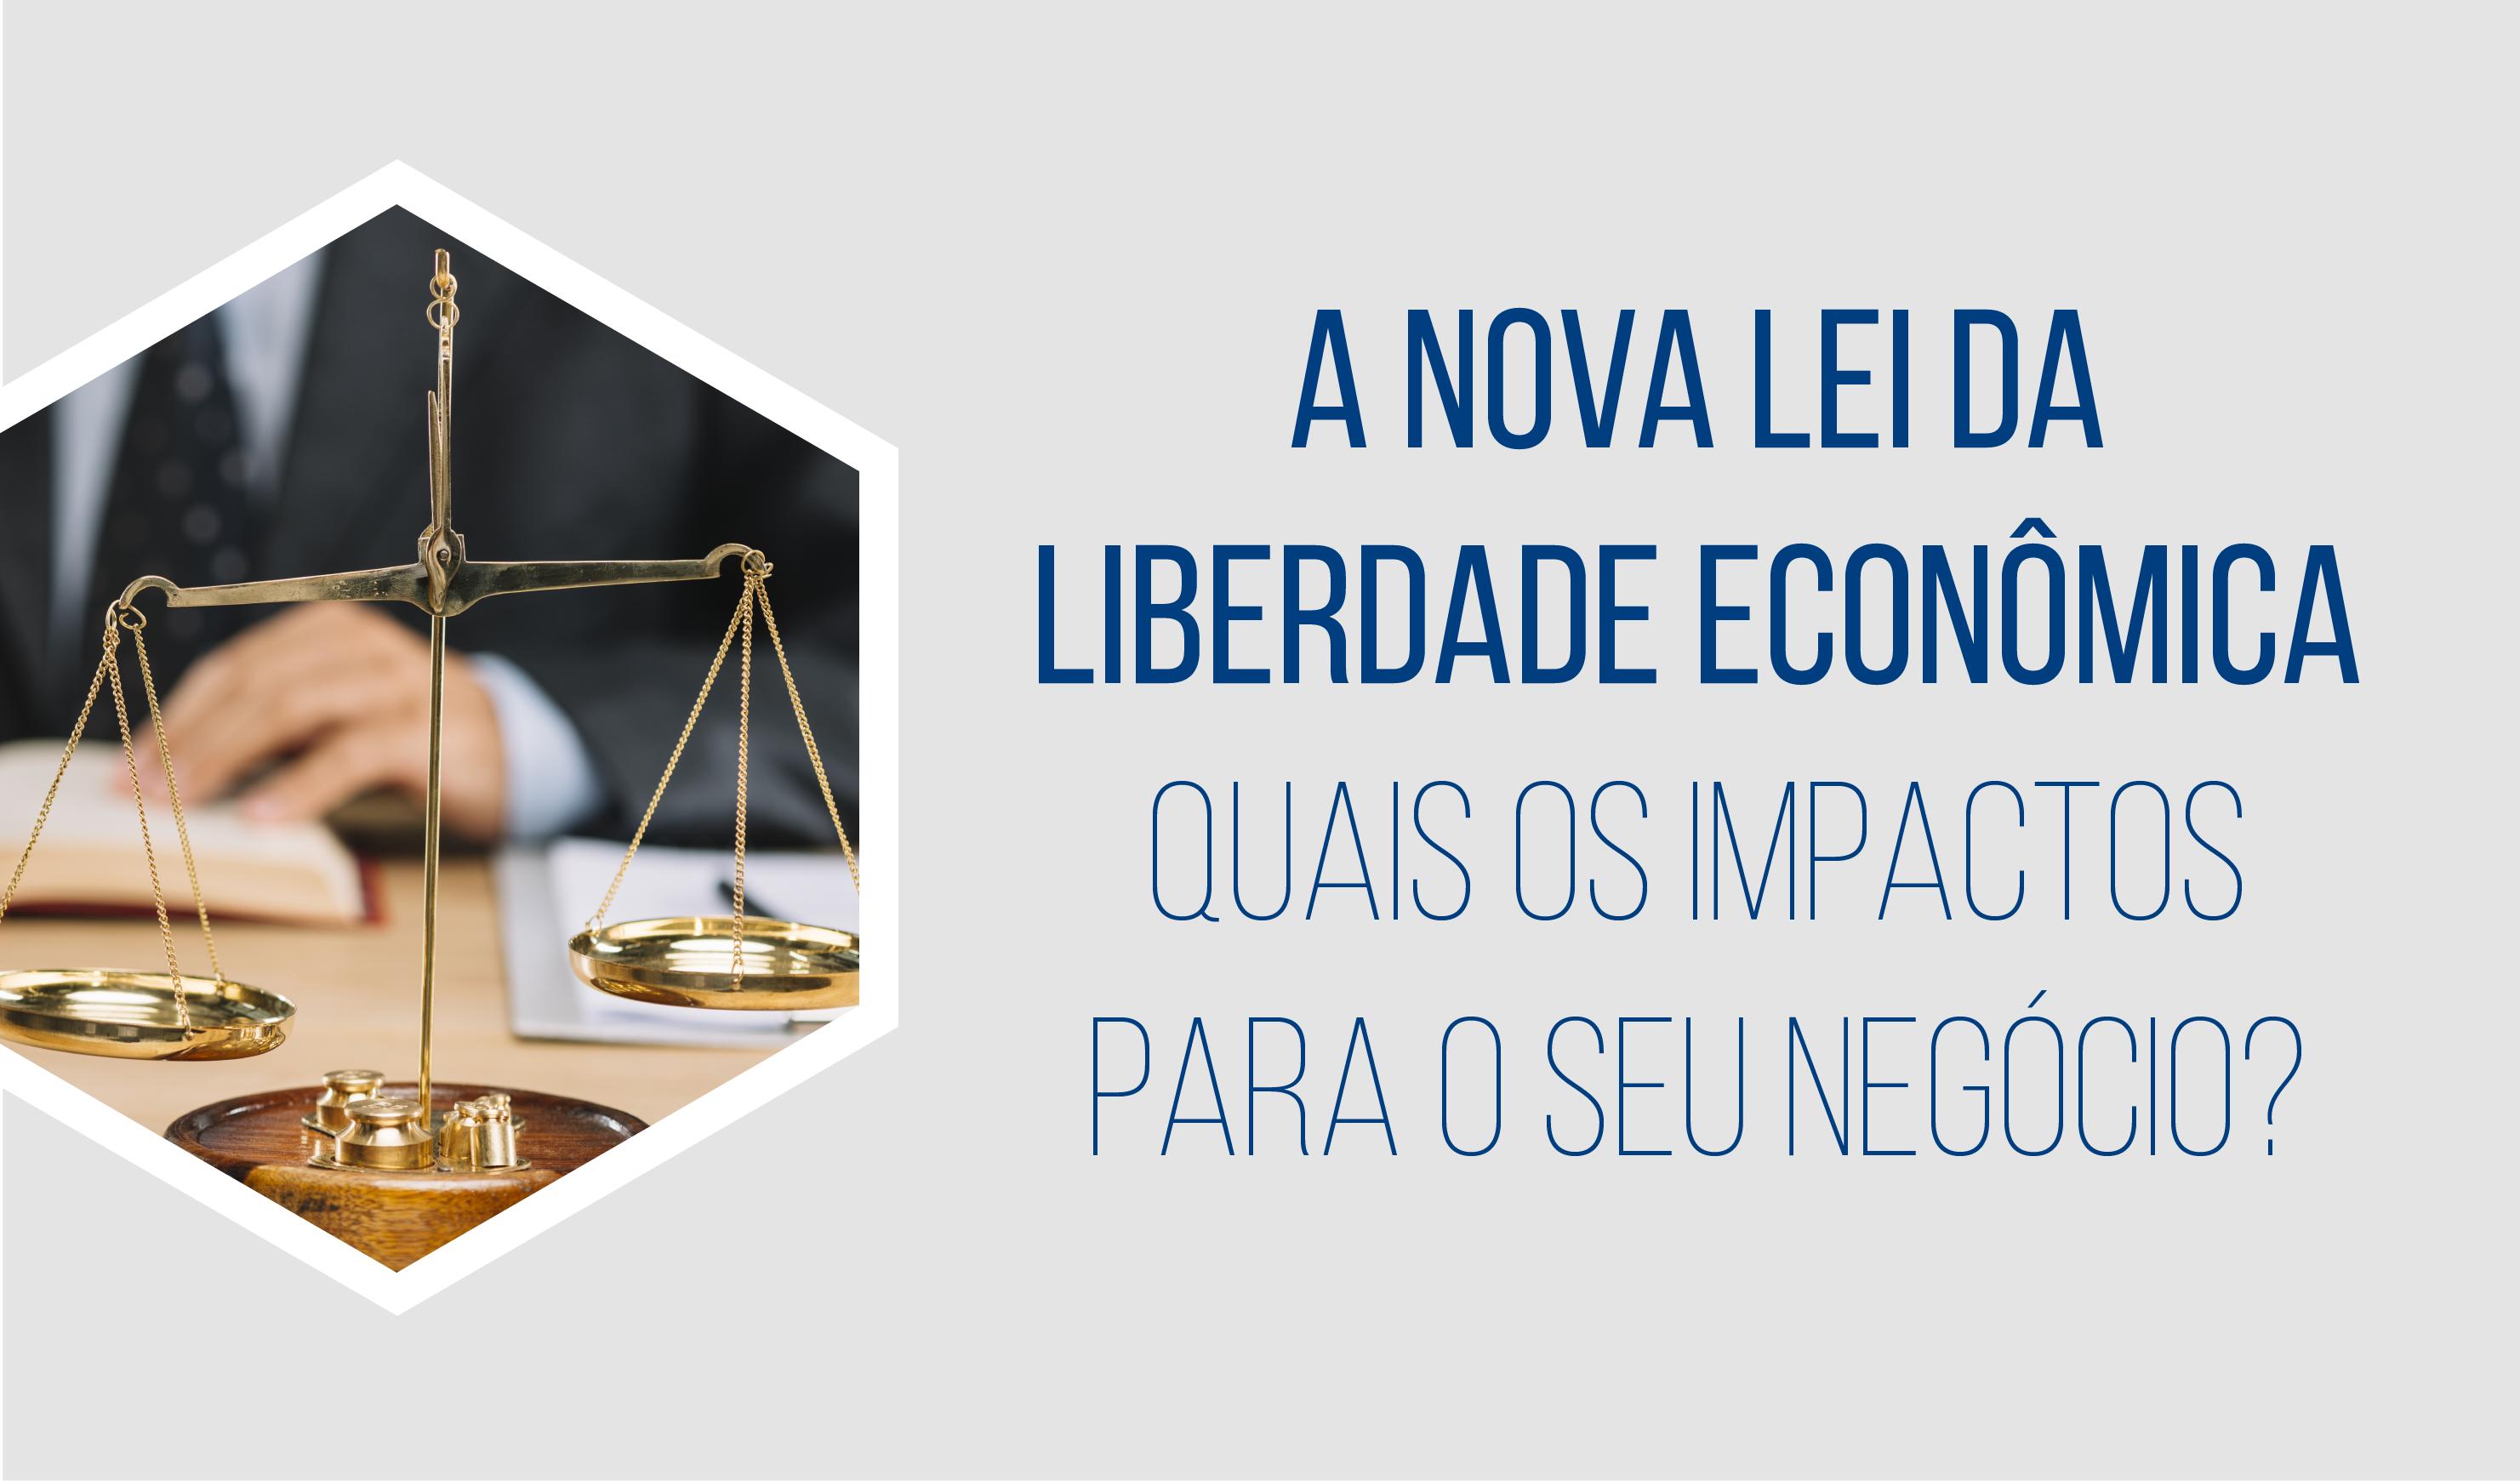 04 de Março: A Nova lei da liberdade econômica. Quais os impactos para o seu negócio?